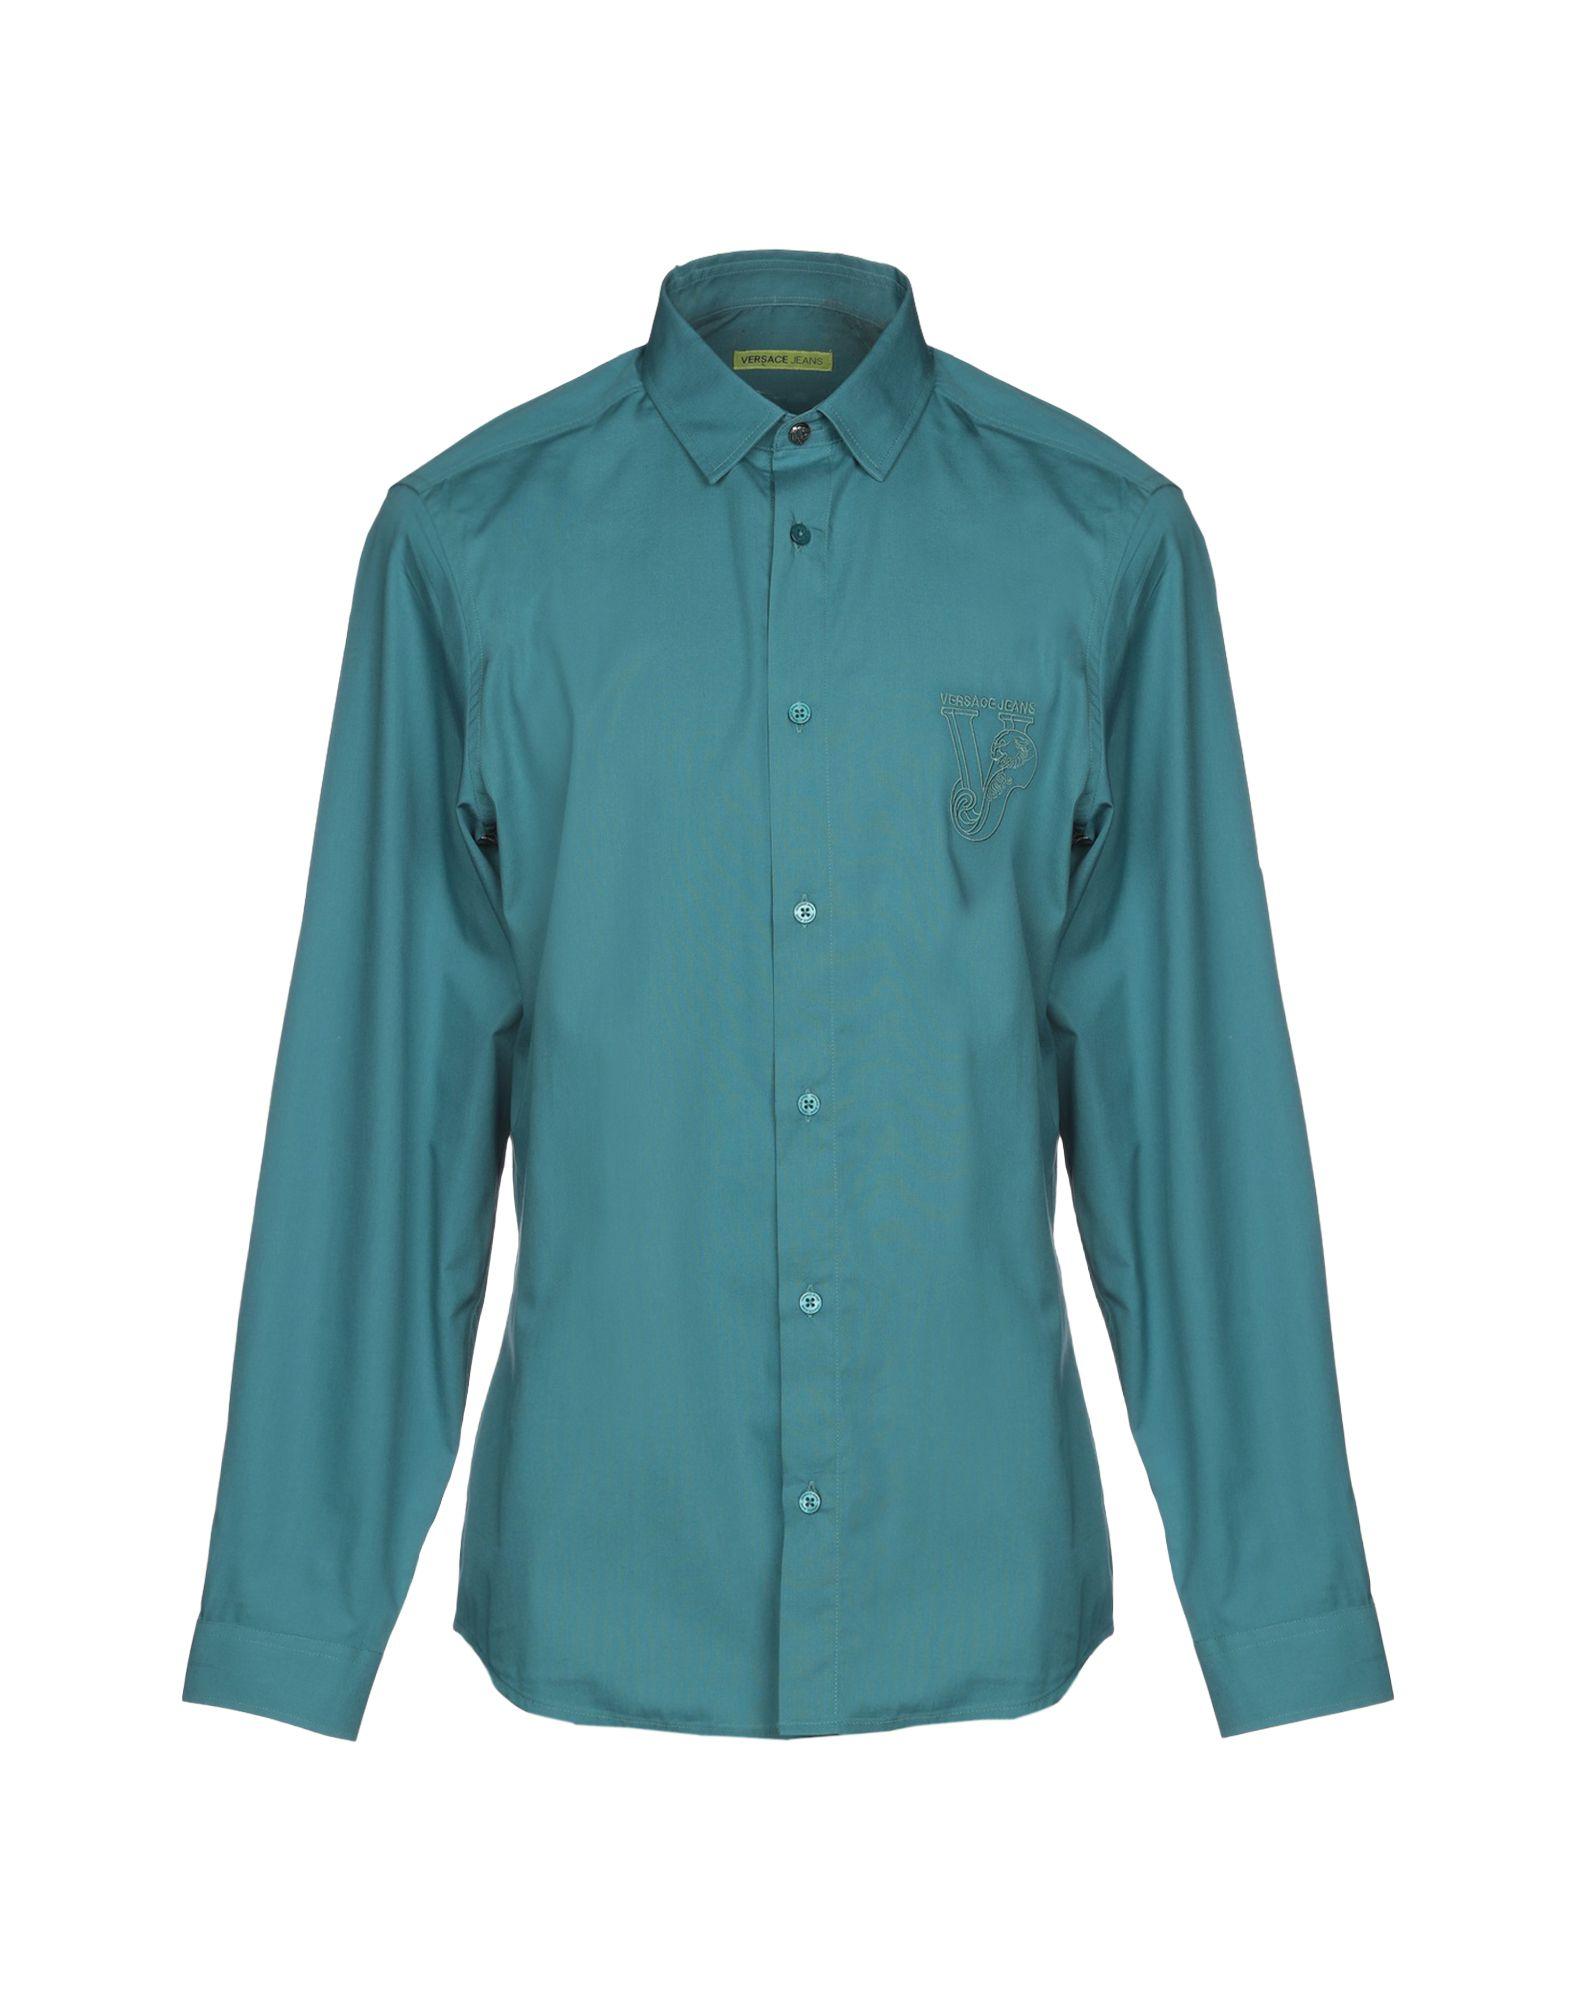 e70bc07133c6 Versace Jeans Solid Colour Shirt - Men Versace Jeans Solid Colour Shirts  online on YOOX Finland - 38773978WC